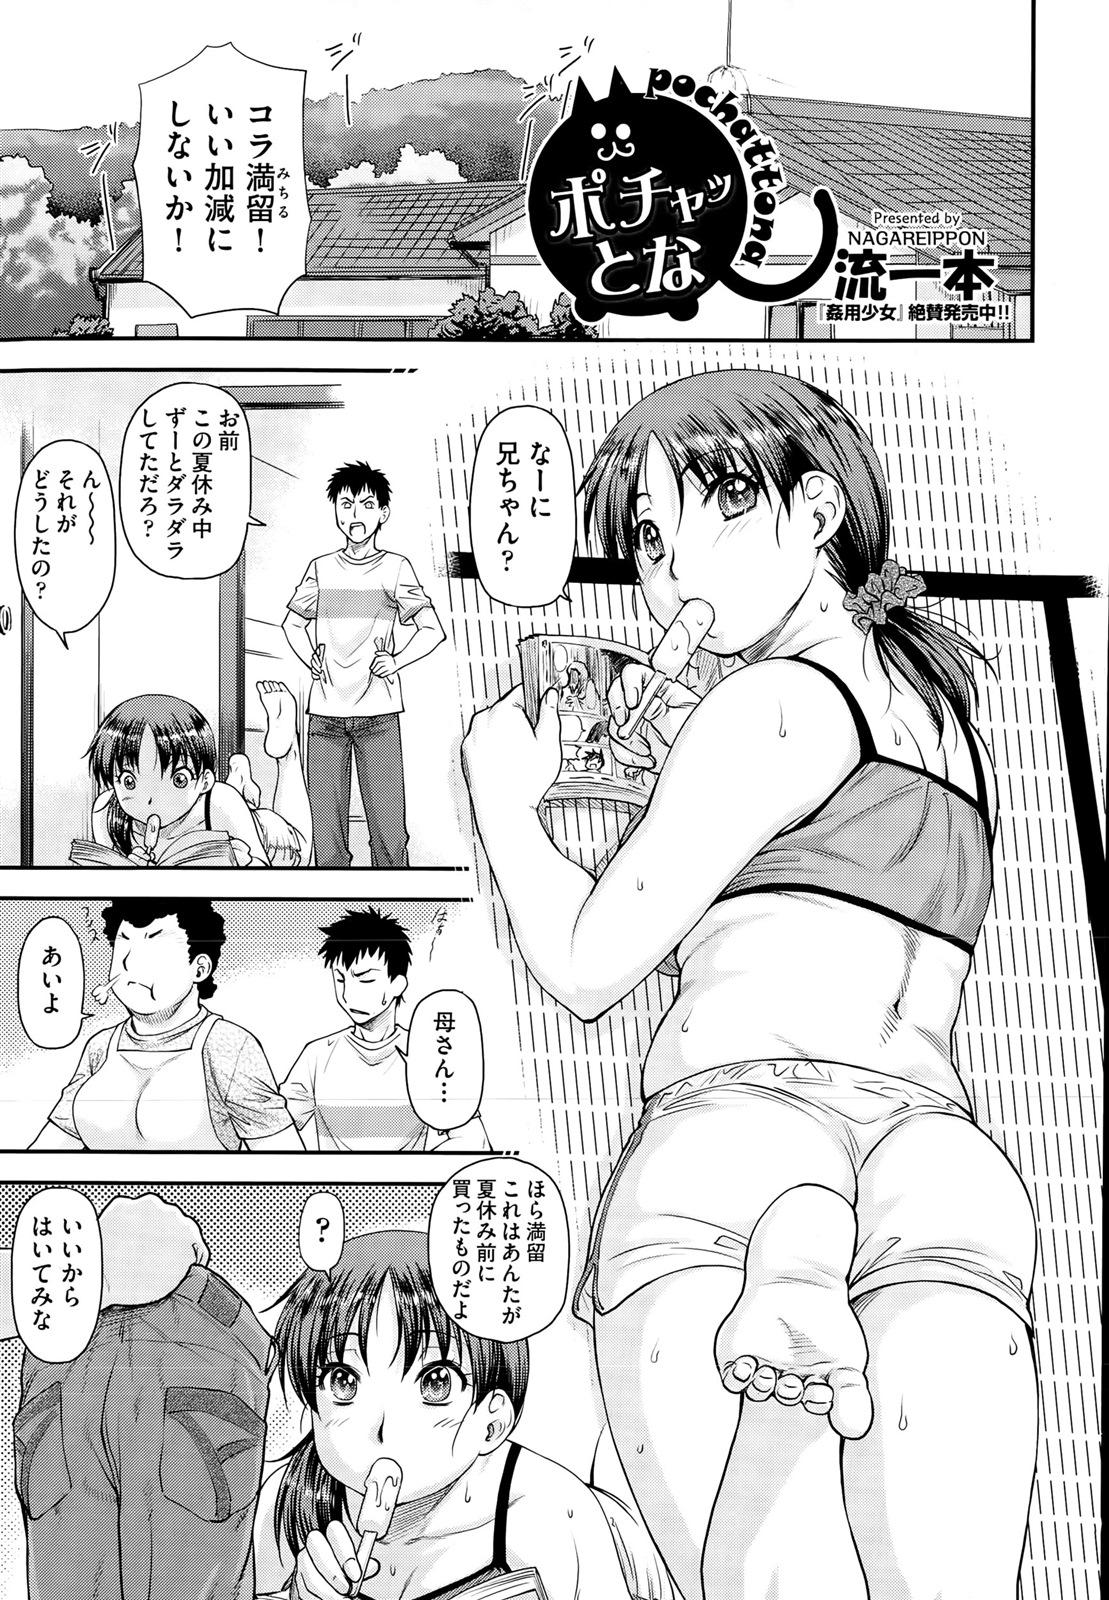 【エロ漫画】ぽっちゃりした妹のダイエットに協力したが、彼女の駄肉を揉んでいるうちに興奮して近親相姦する!!